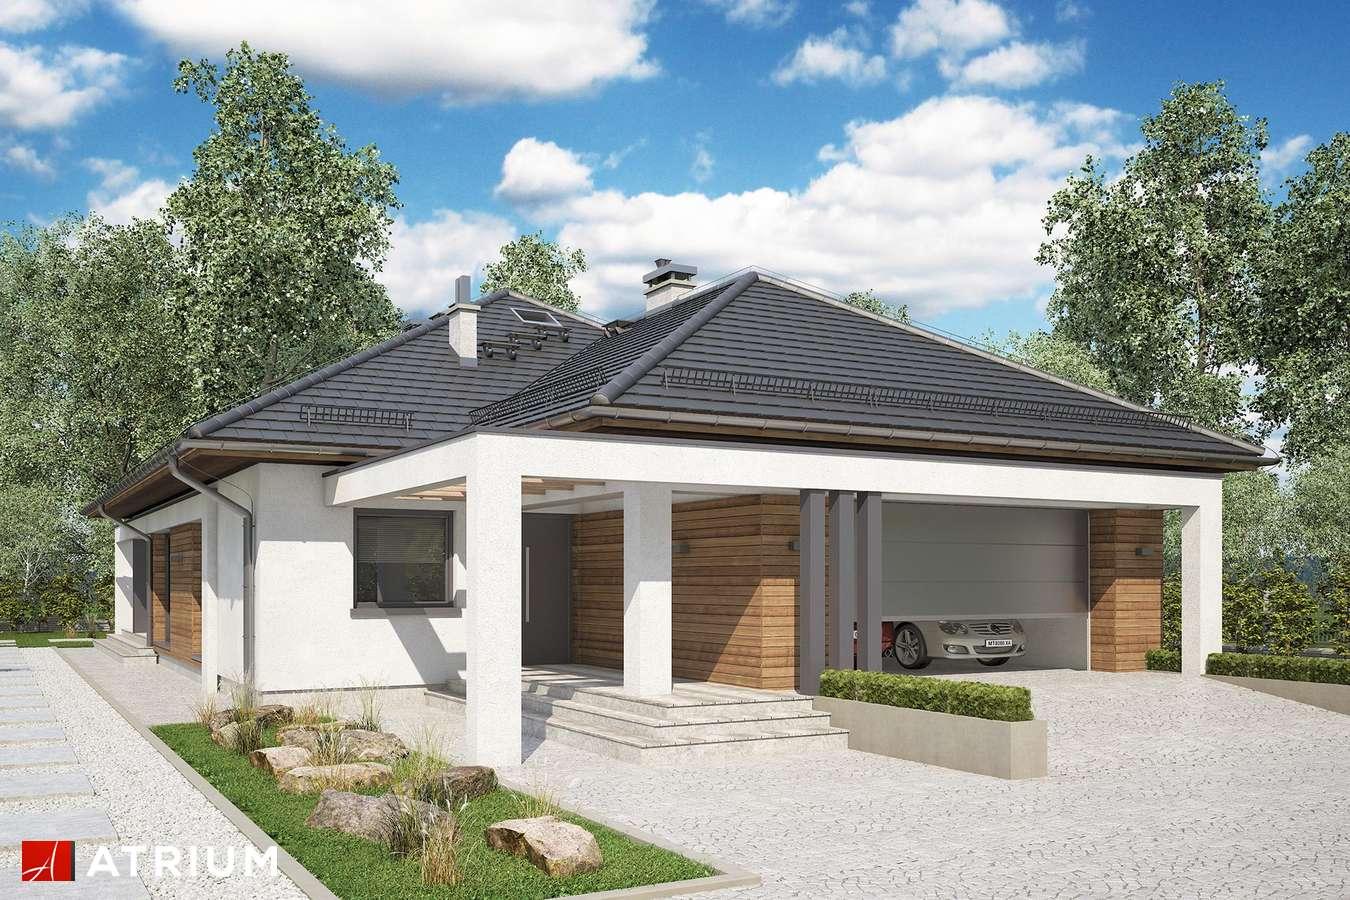 Projekty domów - Projekt domu parterowego HEKTOR - wizualizacja 1